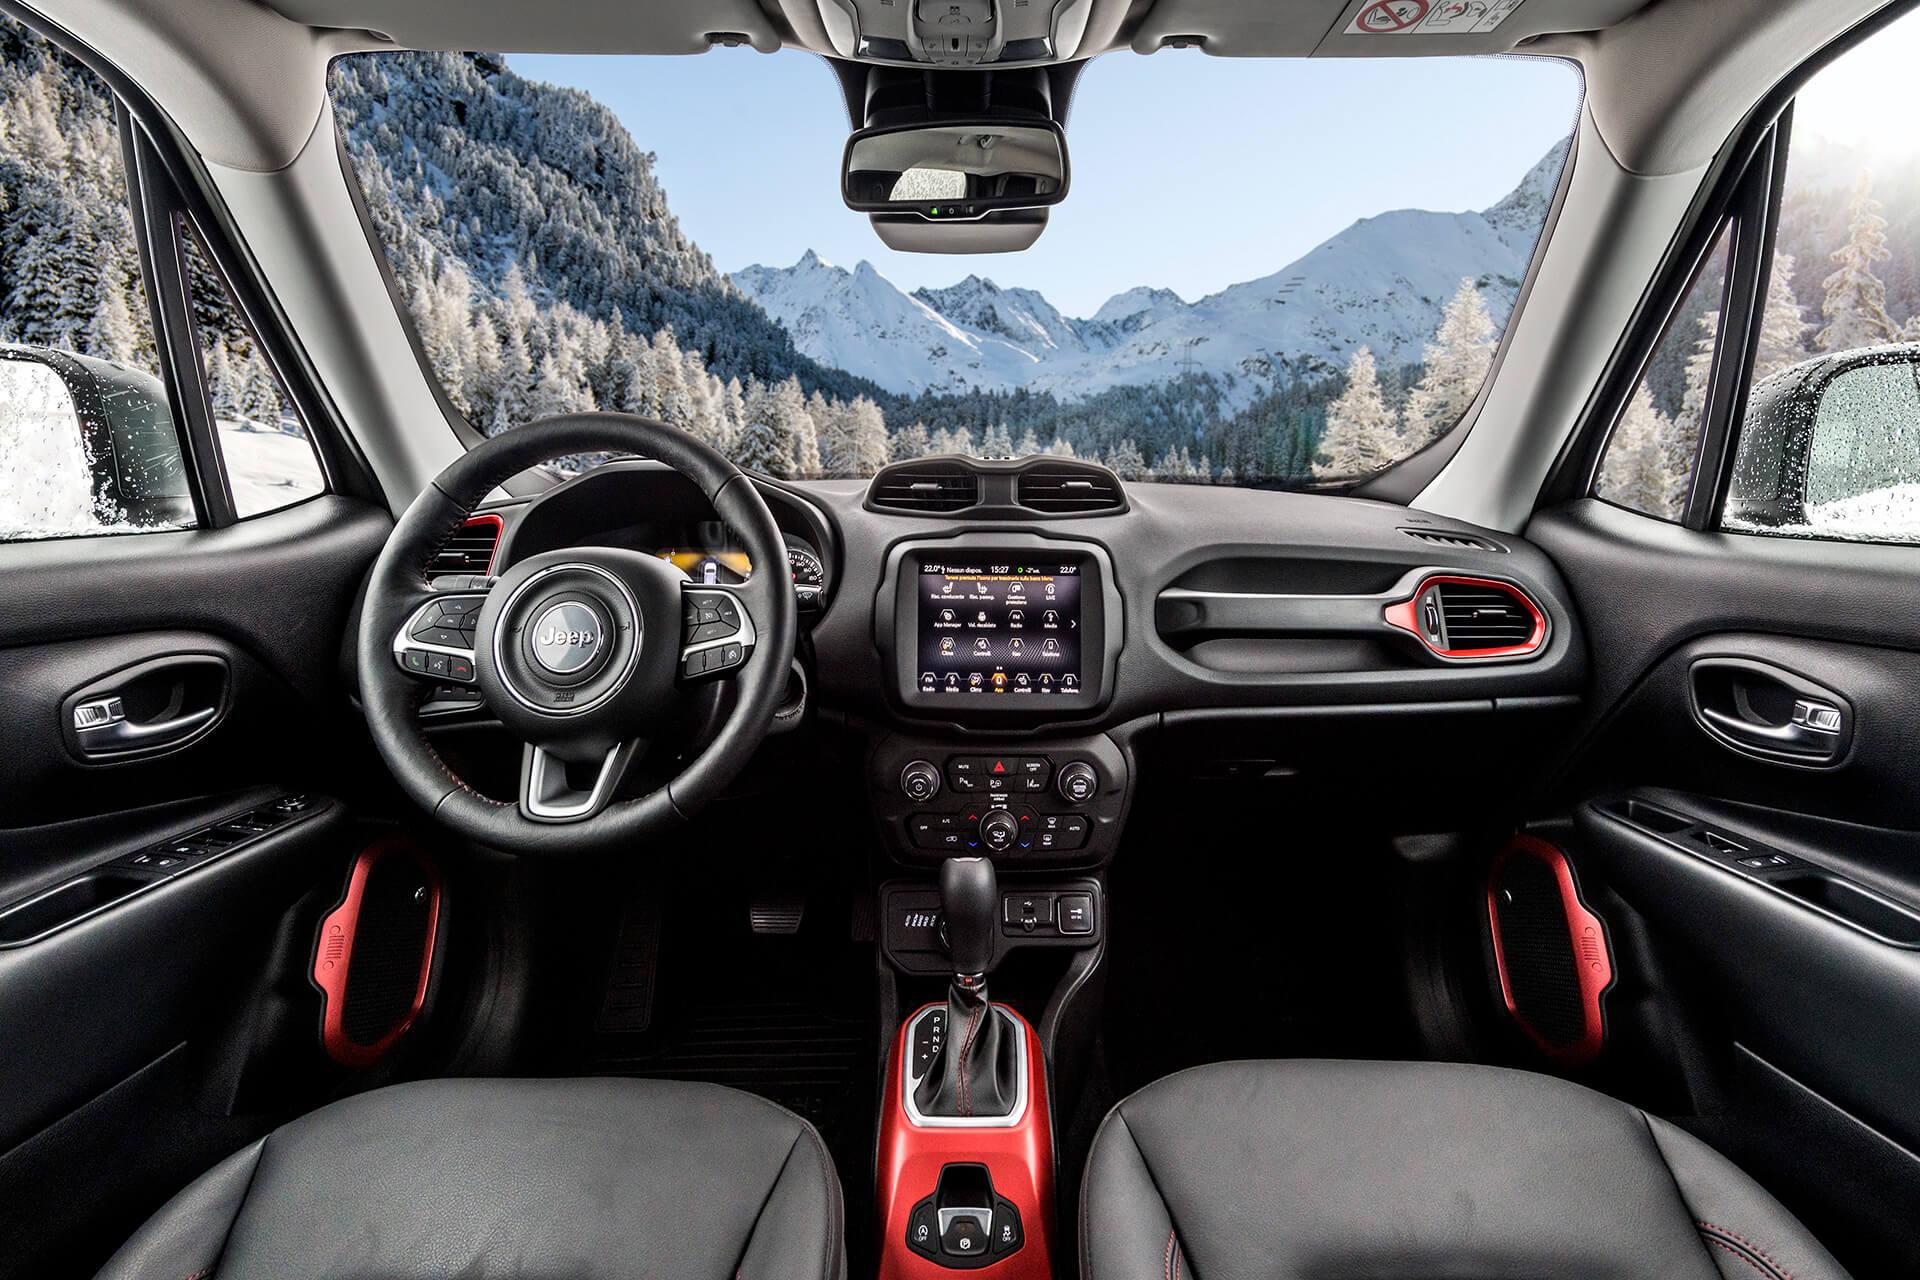 Jeep renegade prezzo dimensioni e scheda tecnica - Prezzo porte da interno ...